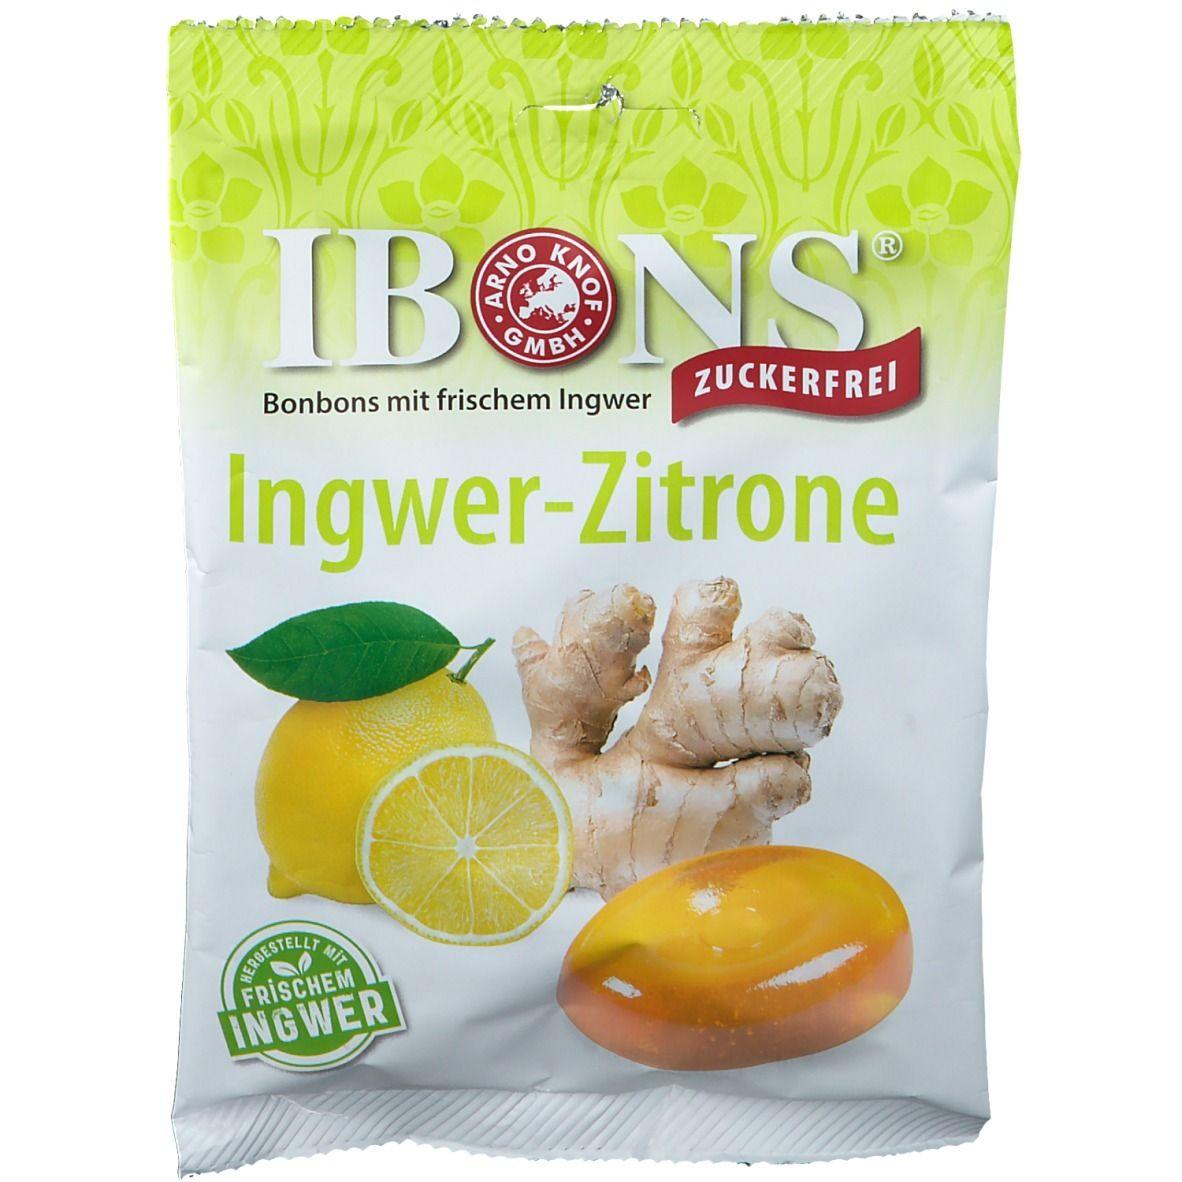 Image of IBONS® Ingwer-Zitrone zuckerfrei